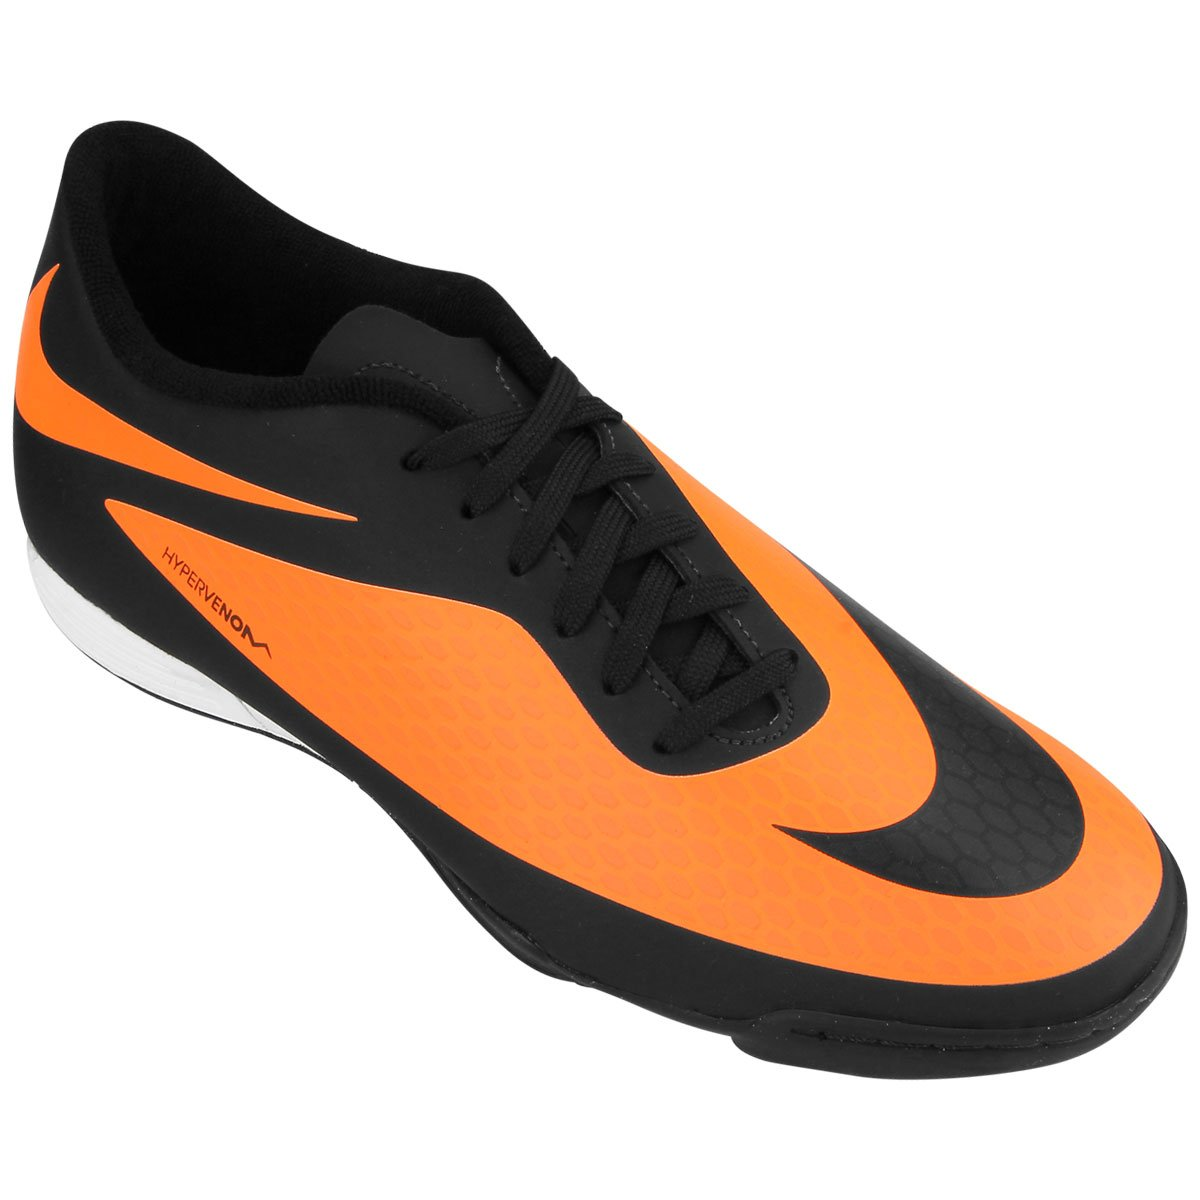 Chuteira Nike Hypervenom Phade TF - Compre Agora  f7739025900c4